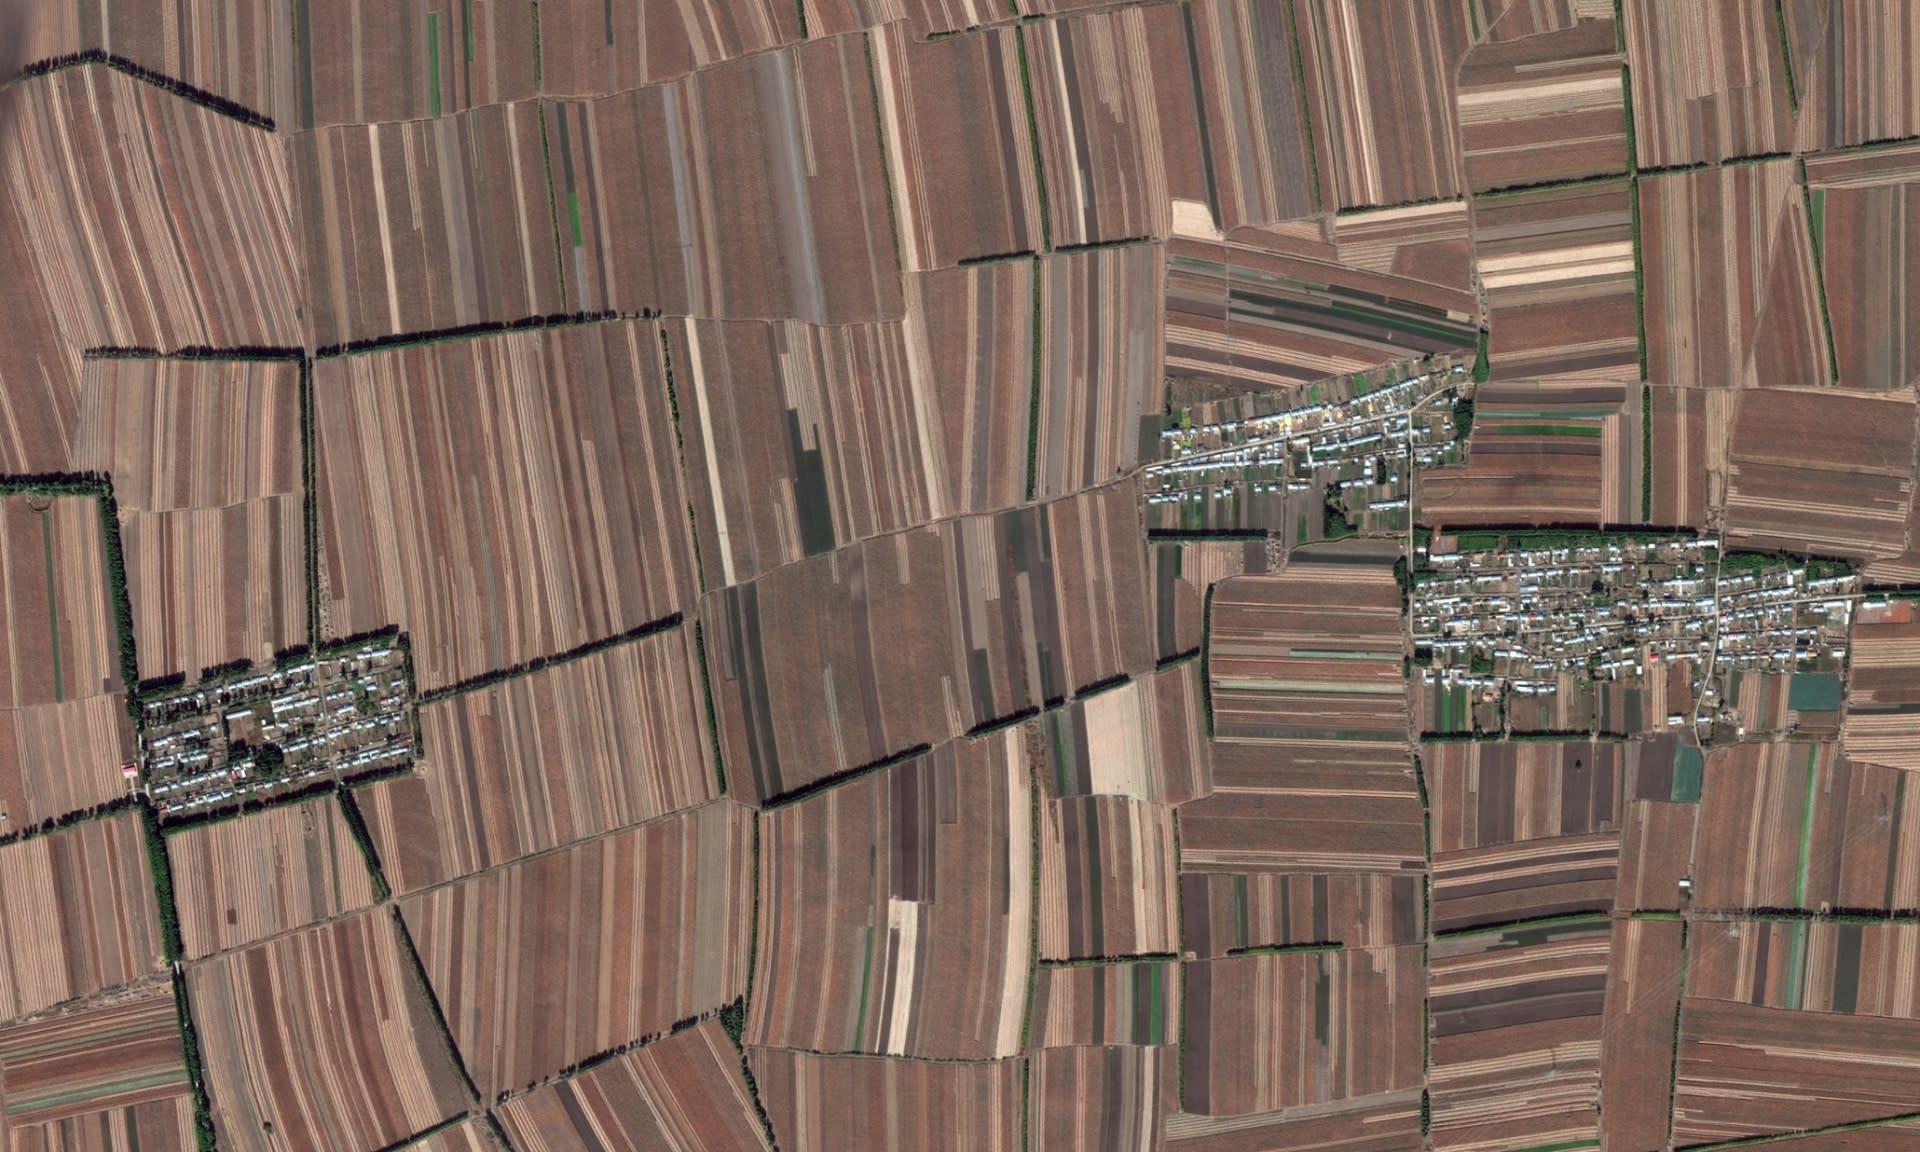 A téglalap alakú szántóföldek, fotó: Google Earth/2014 | ClimeNews